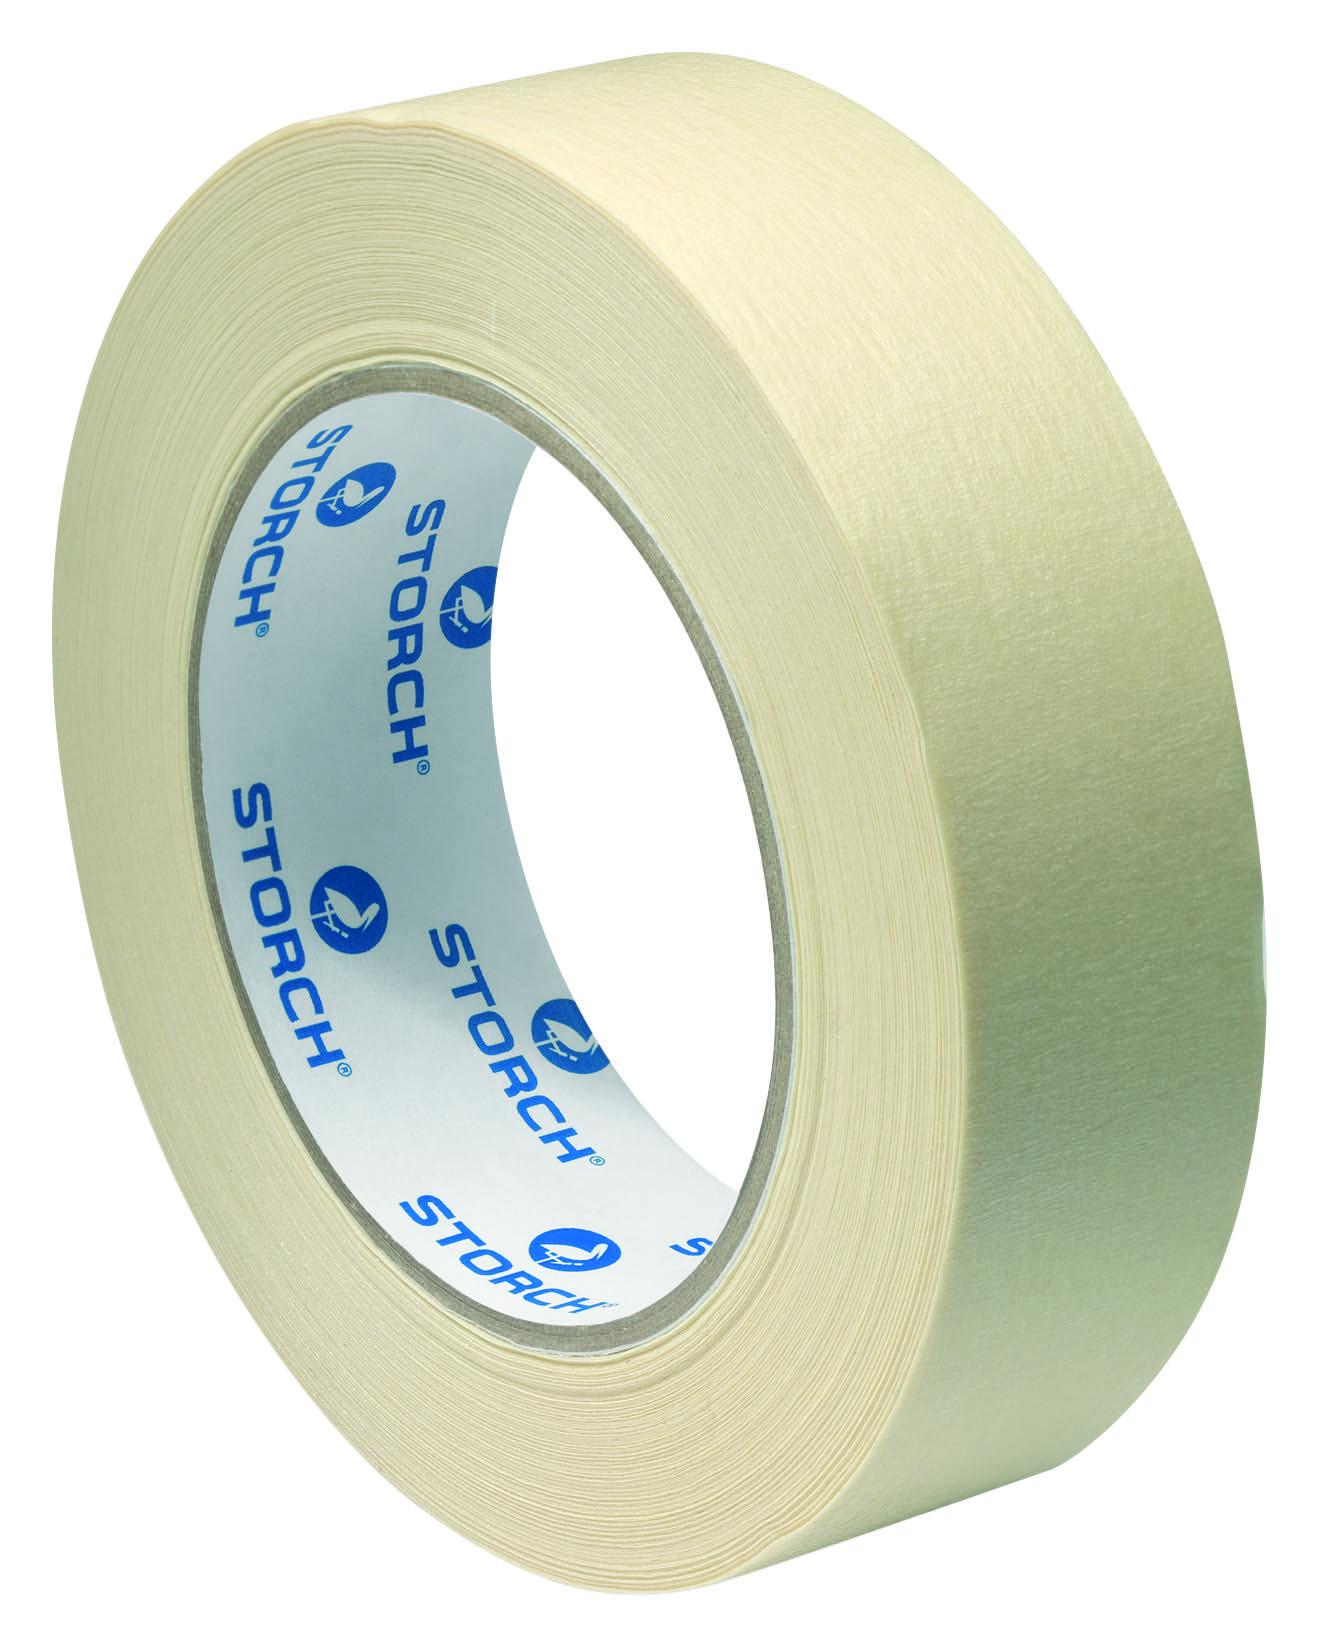 STORCH EASYpaper ° Das Universelle Papierklebeband für Farben und Lacke (Innen)